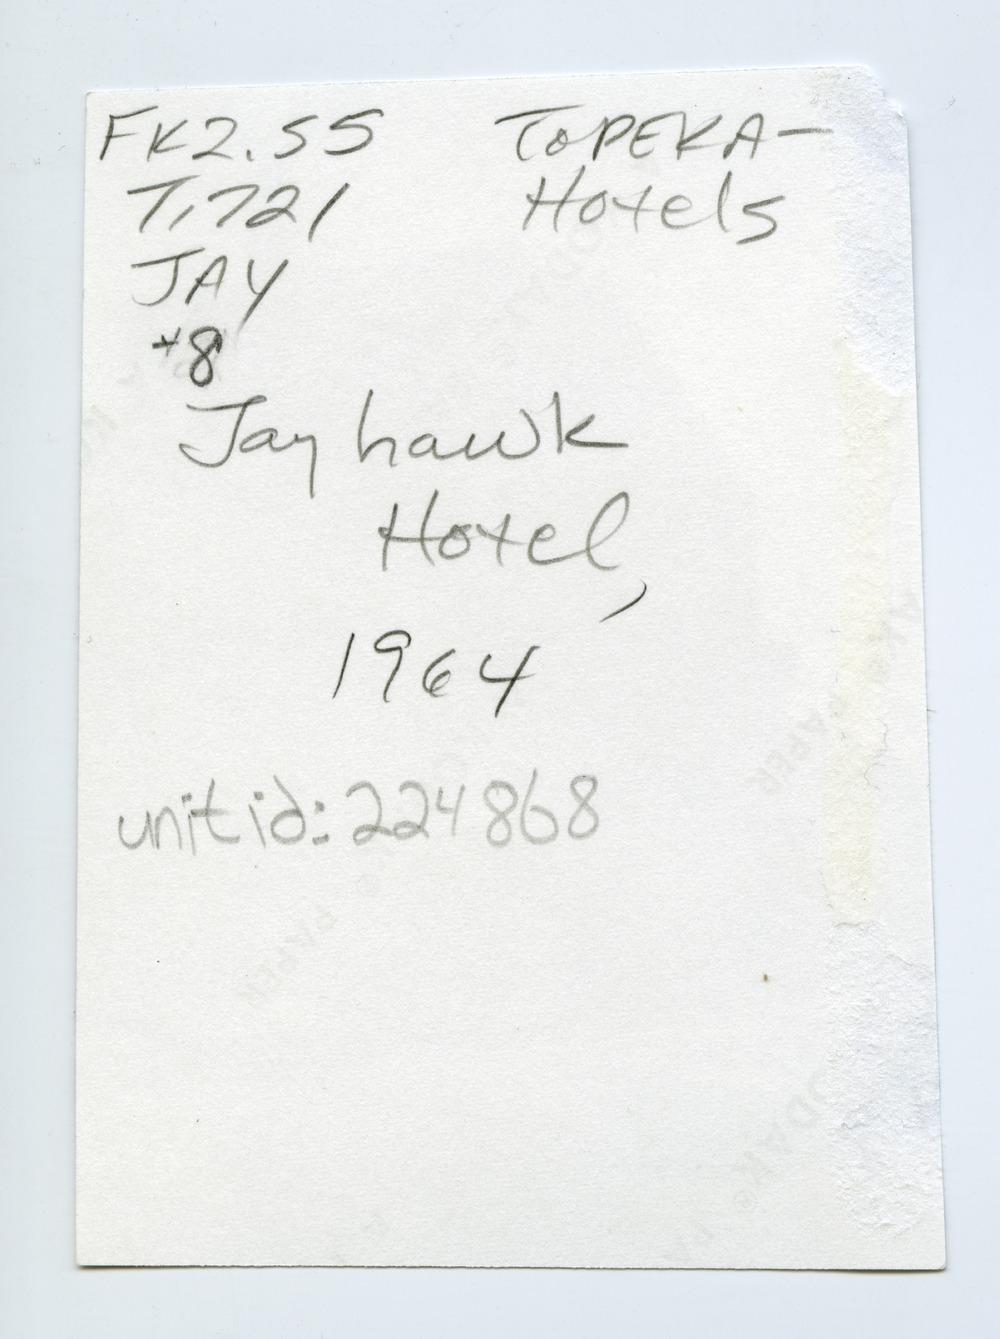 Jayhawk Hotel, Topeka, Kansas - 2